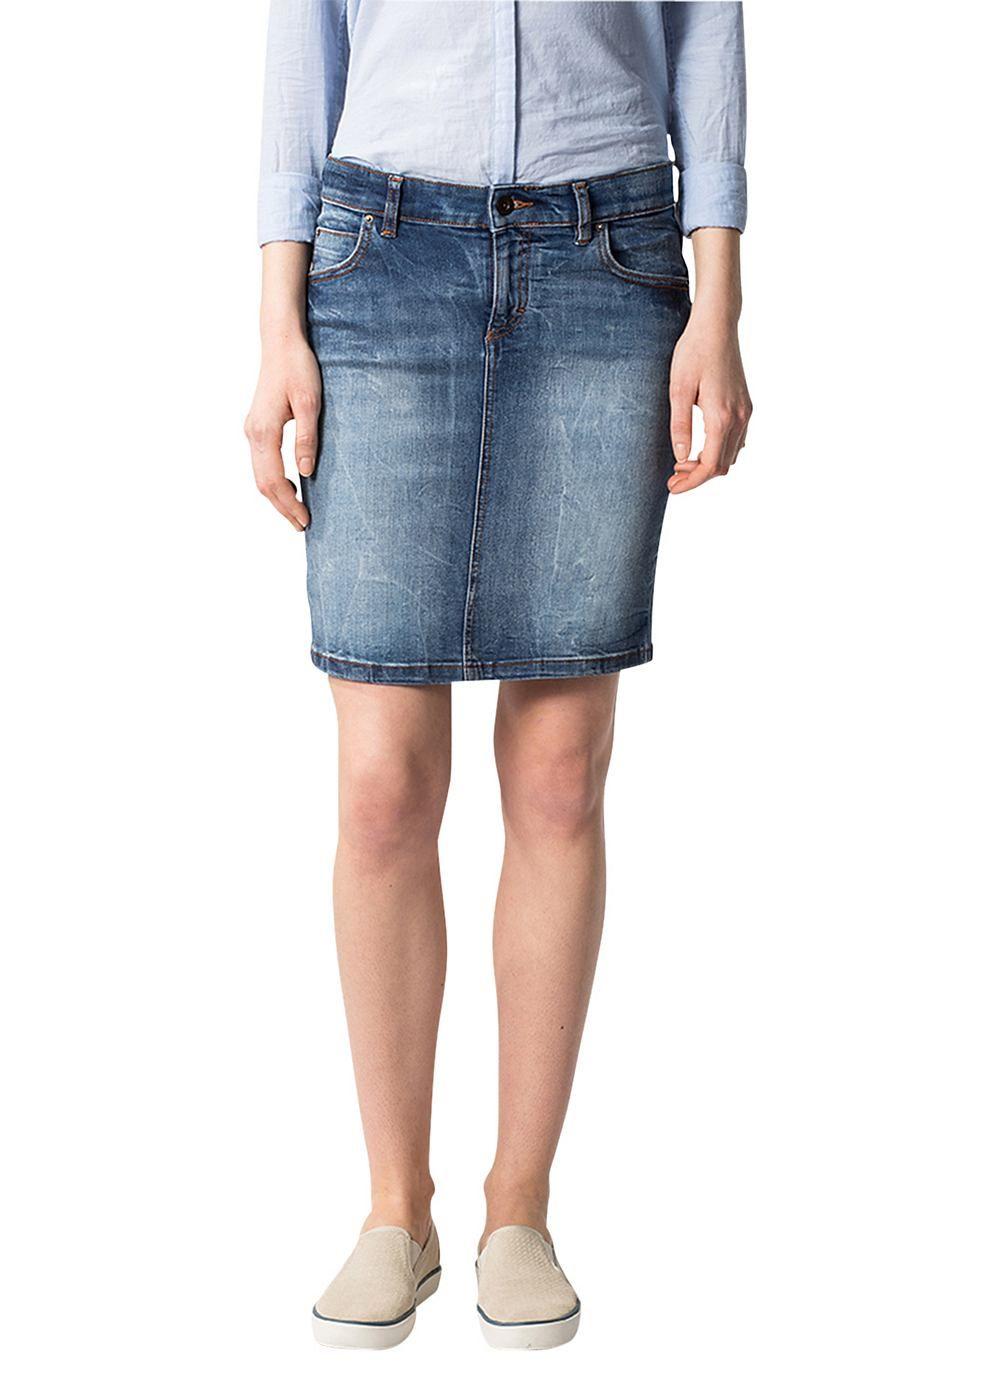 Knielanger und gerade konfektionierter Jeansrock in einer kompakten 90%-igen Baumwoll-Qualität mit 8% Polyester und 2 % Elastan-Anteil. Der heruntergewaschener, blauen Denim wird wirkungsvoll mit leichte Used-Details kombiniert und ergeben ein einzigartiges Gesamtbild....